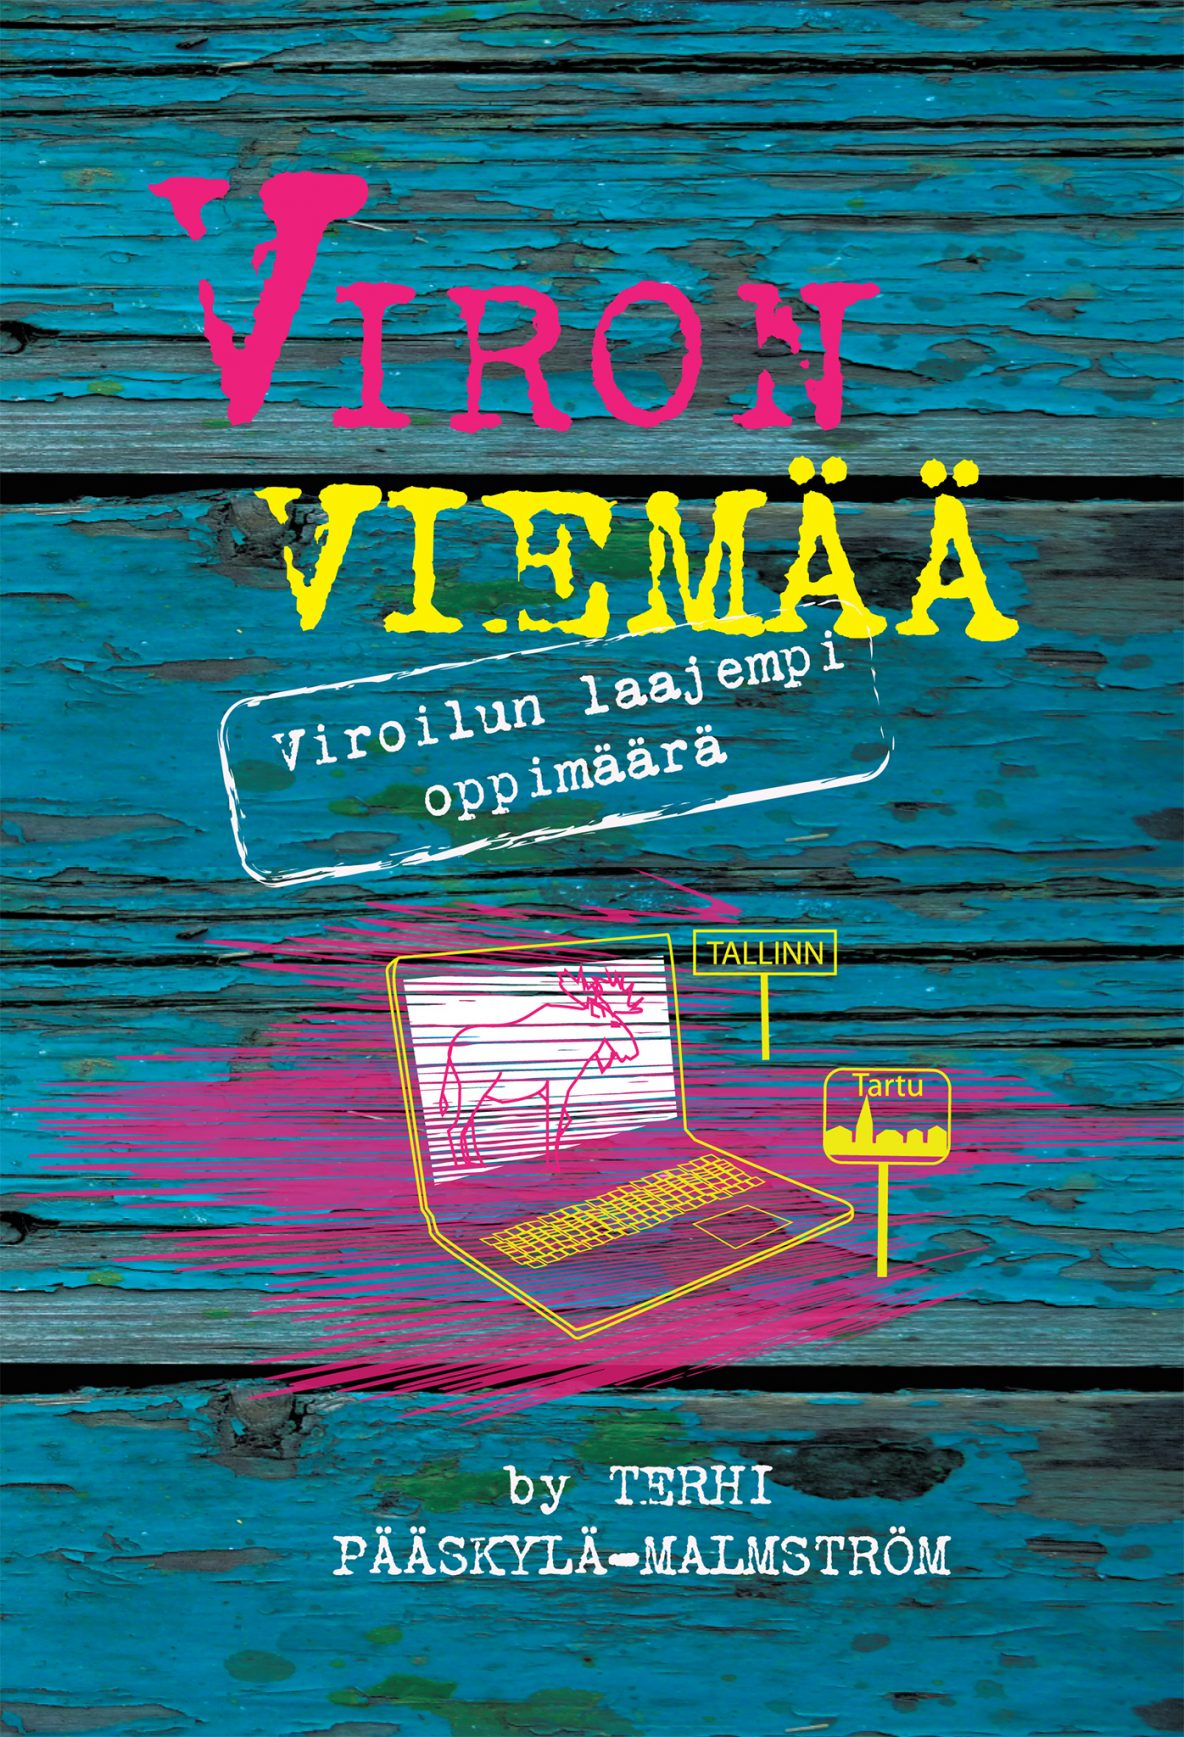 Terhi Pääskylä-Malmström: Viron viemää – Viroilun laajempi oppimäärä